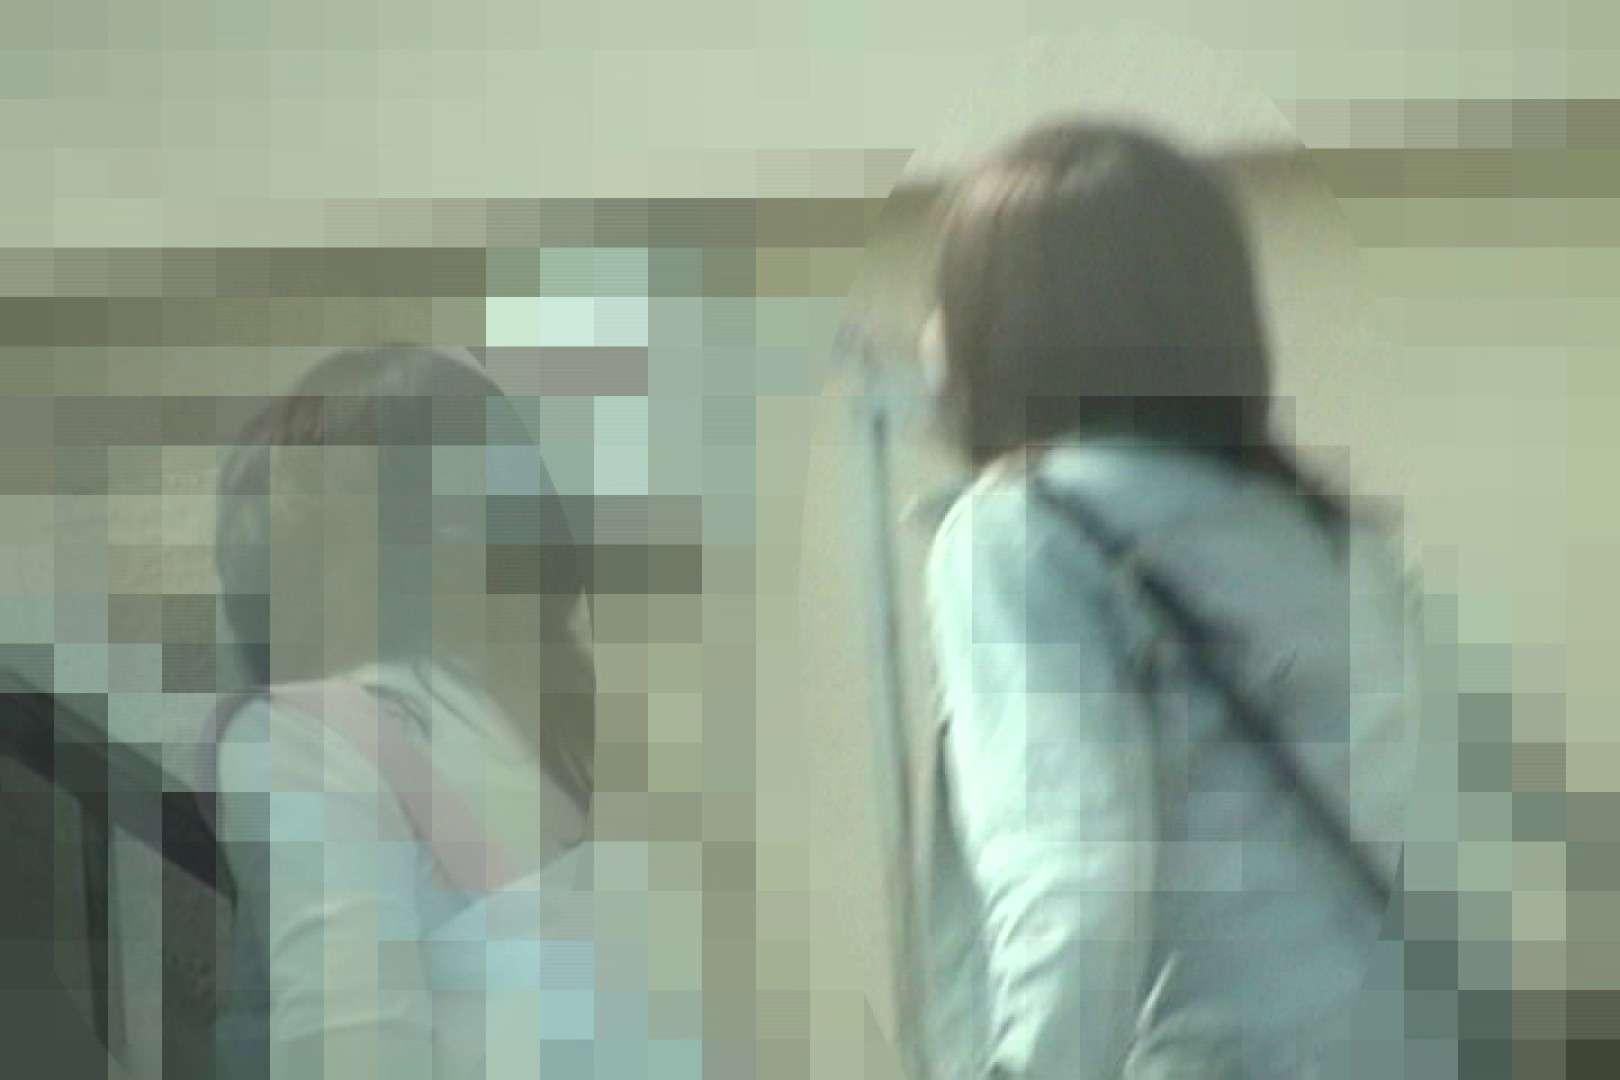 Aquaな露天風呂Vol.58【VIP限定】 美しいOLの裸体 | 盗撮師作品  97pic 1